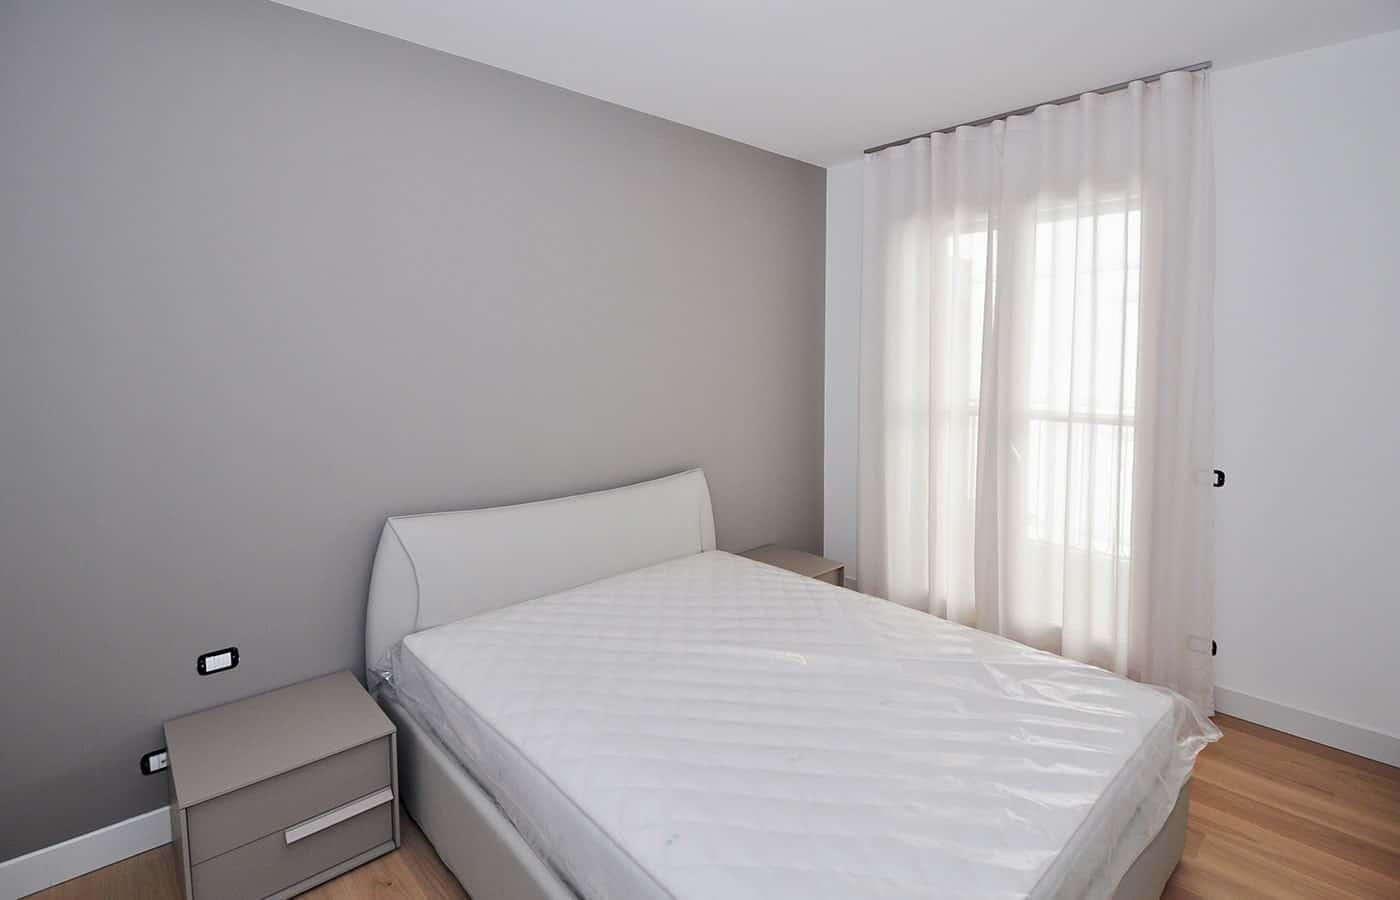 Camera da letto - Progetto Via della Moscova Milano - Il Mobile